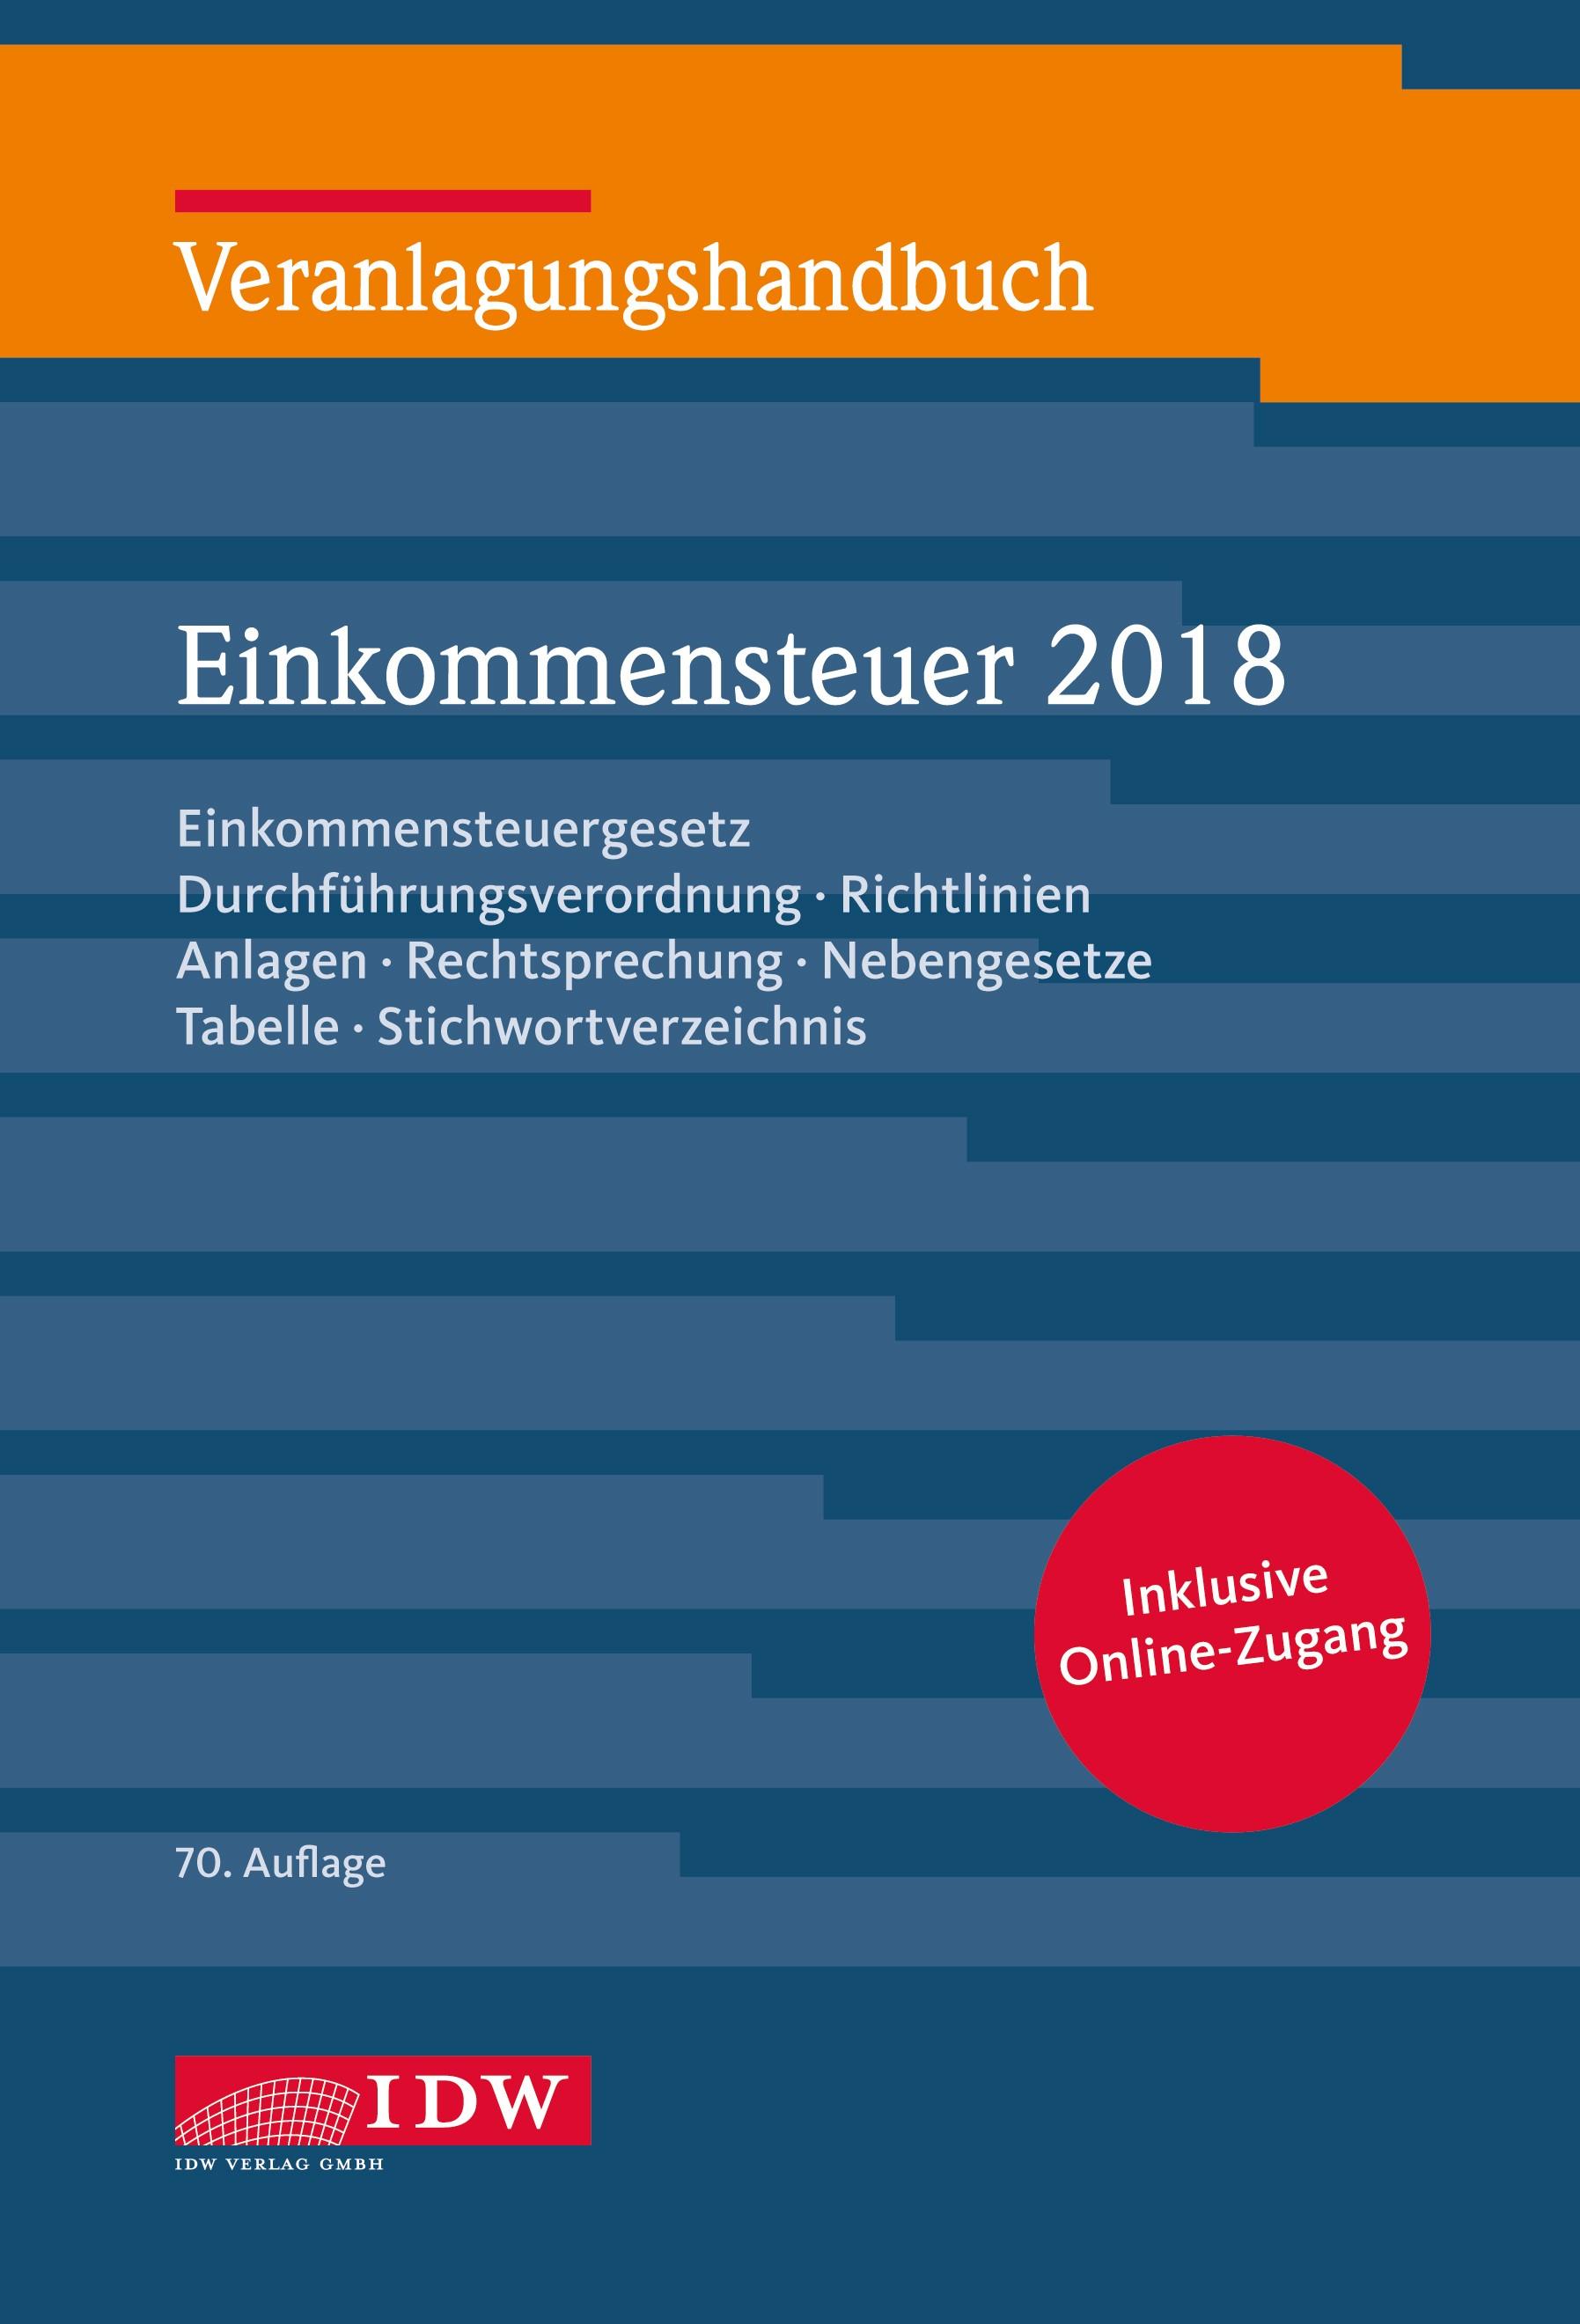 Veranlagungshandb. Einkommensteuer 2018, 70.A. | Boveleth | 70. Auflage, 2019 | Buch (Cover)